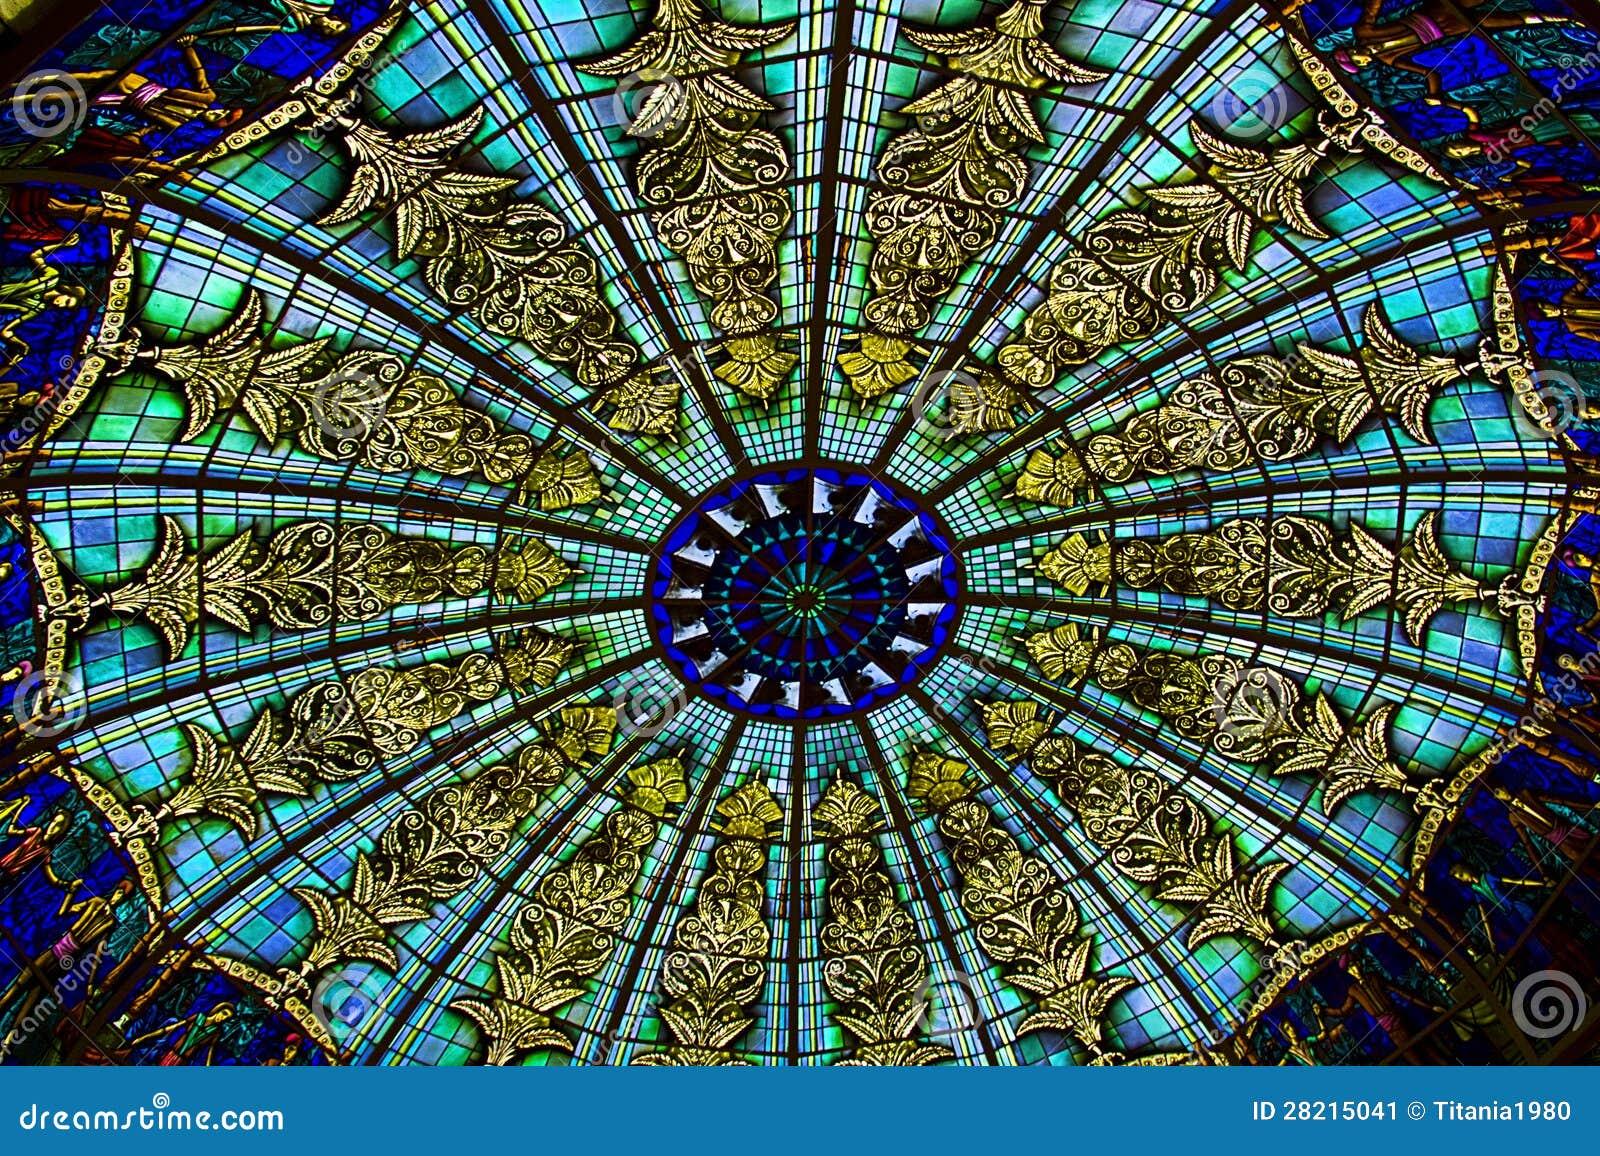 Soffitto Di Vetro Dentro Un Palazzo Immagine Stock - Immagine: 28215041